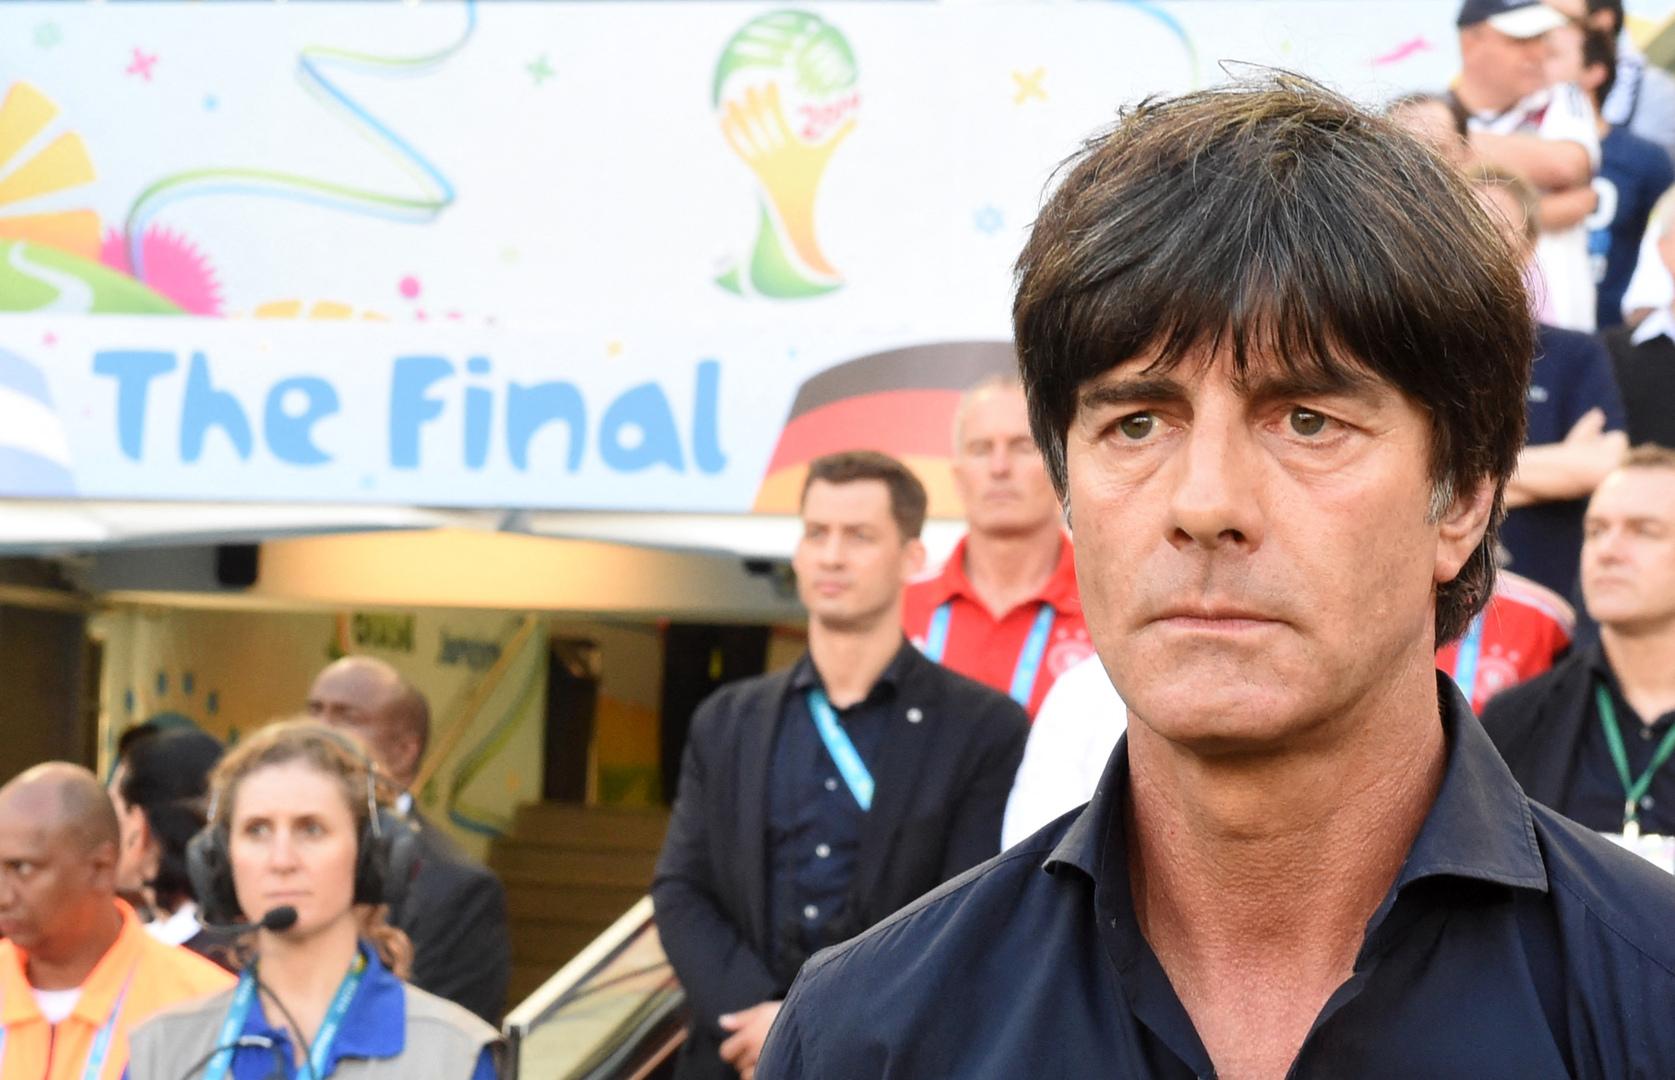 لوف يتخلى عن تدريب منتخب ألمانيا بعد بطولة أوروبا